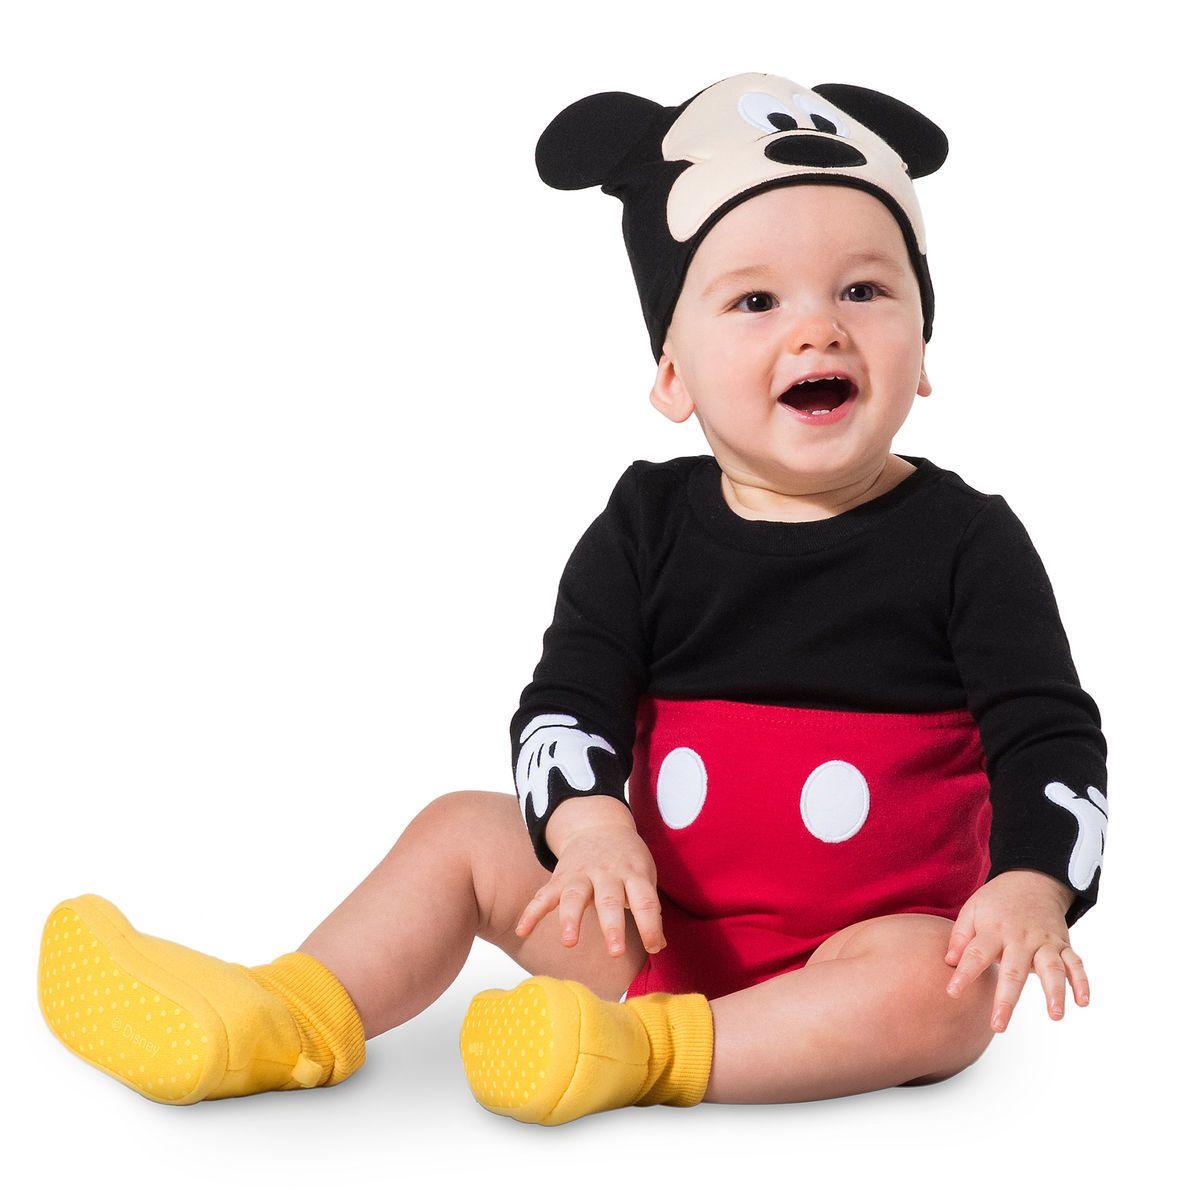 sfumature di design moderno acquista per il più recente Mickey Mouse Costume Bodysuit Set for Baby - Personalizable ...